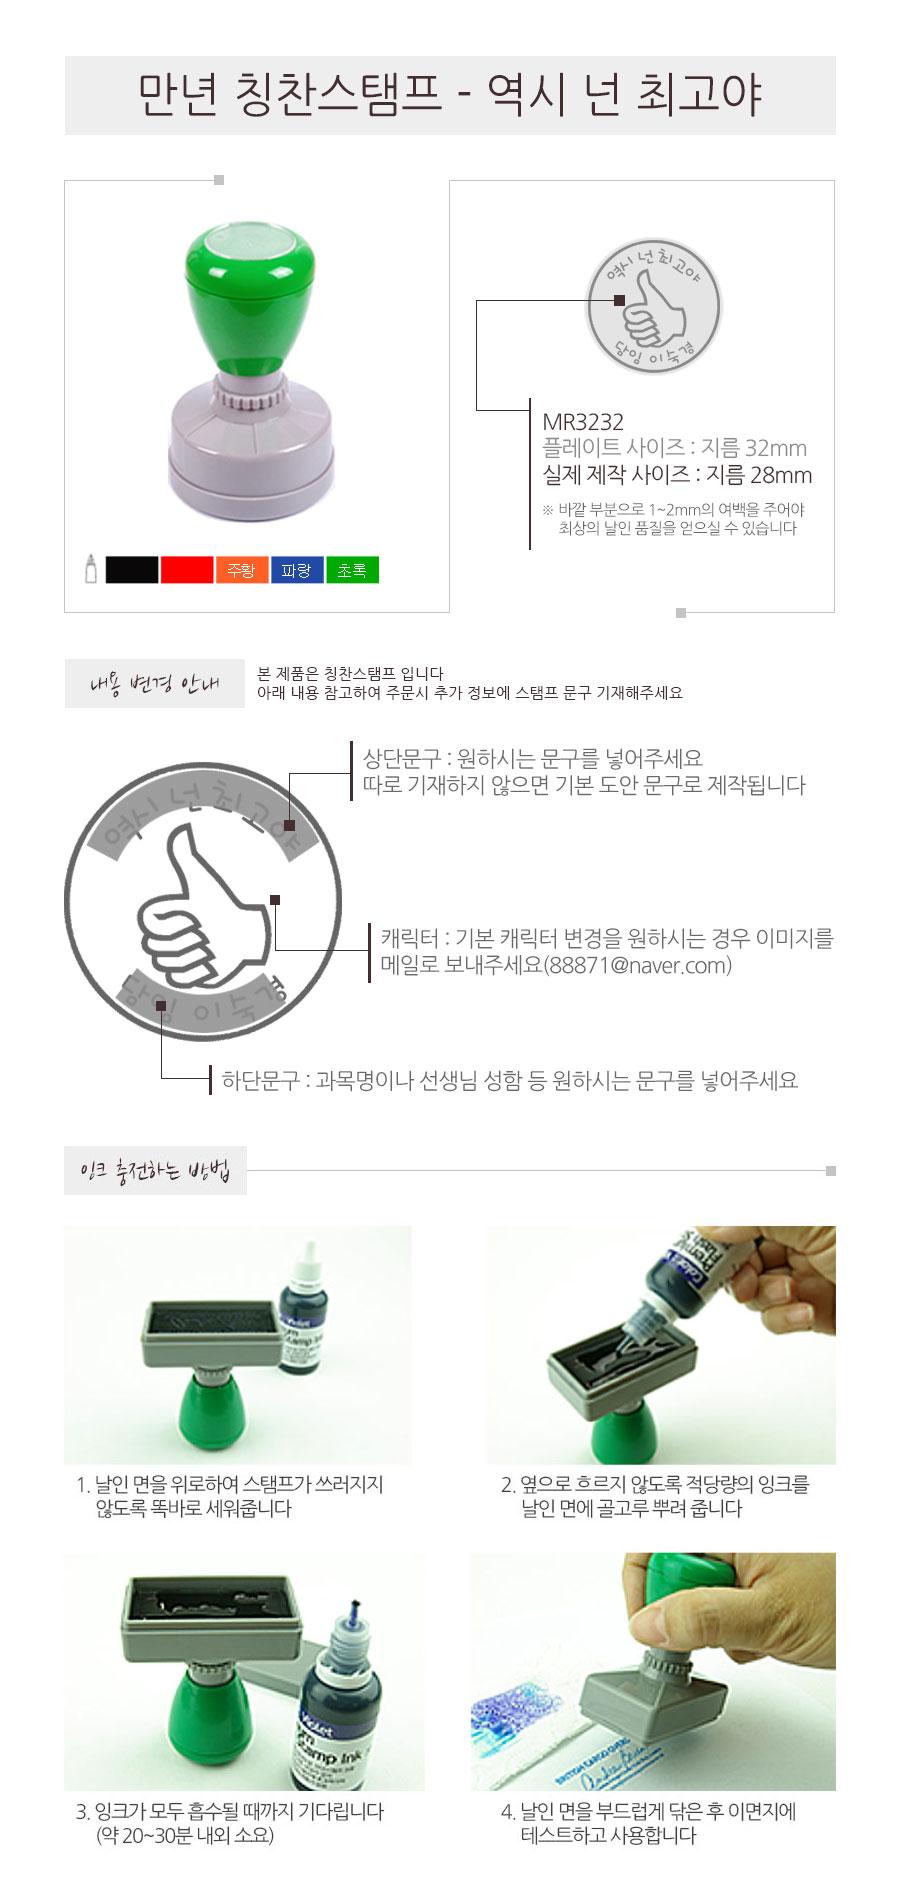 만년 칭찬도장 선생님스탬프 주문제작 역시넌최고야 - 고무인닷컴, 14,300원, 스탬프, 주문제작스탬프